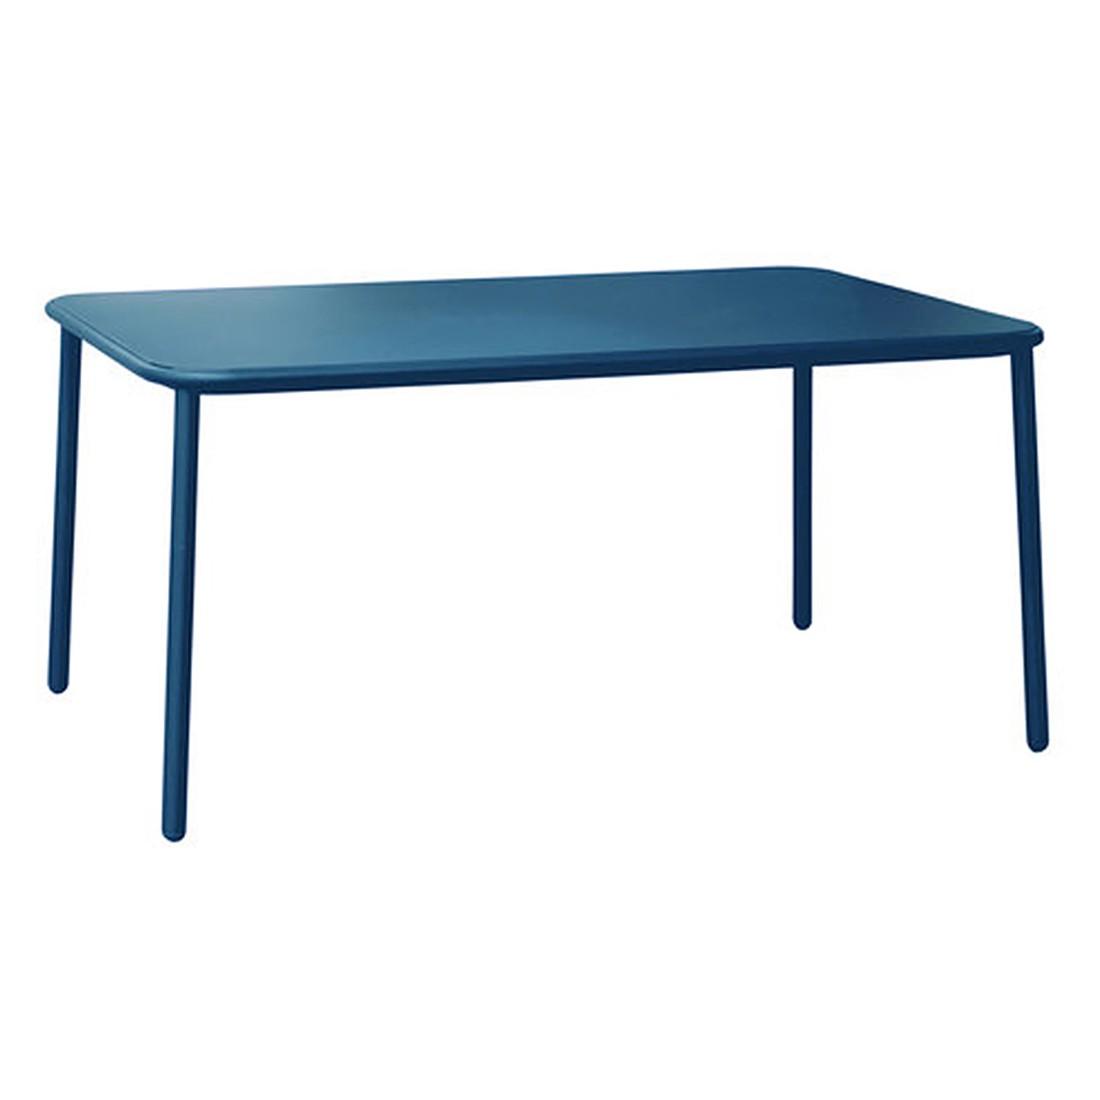 Tisch Yard - Aluminium Blau, Emu